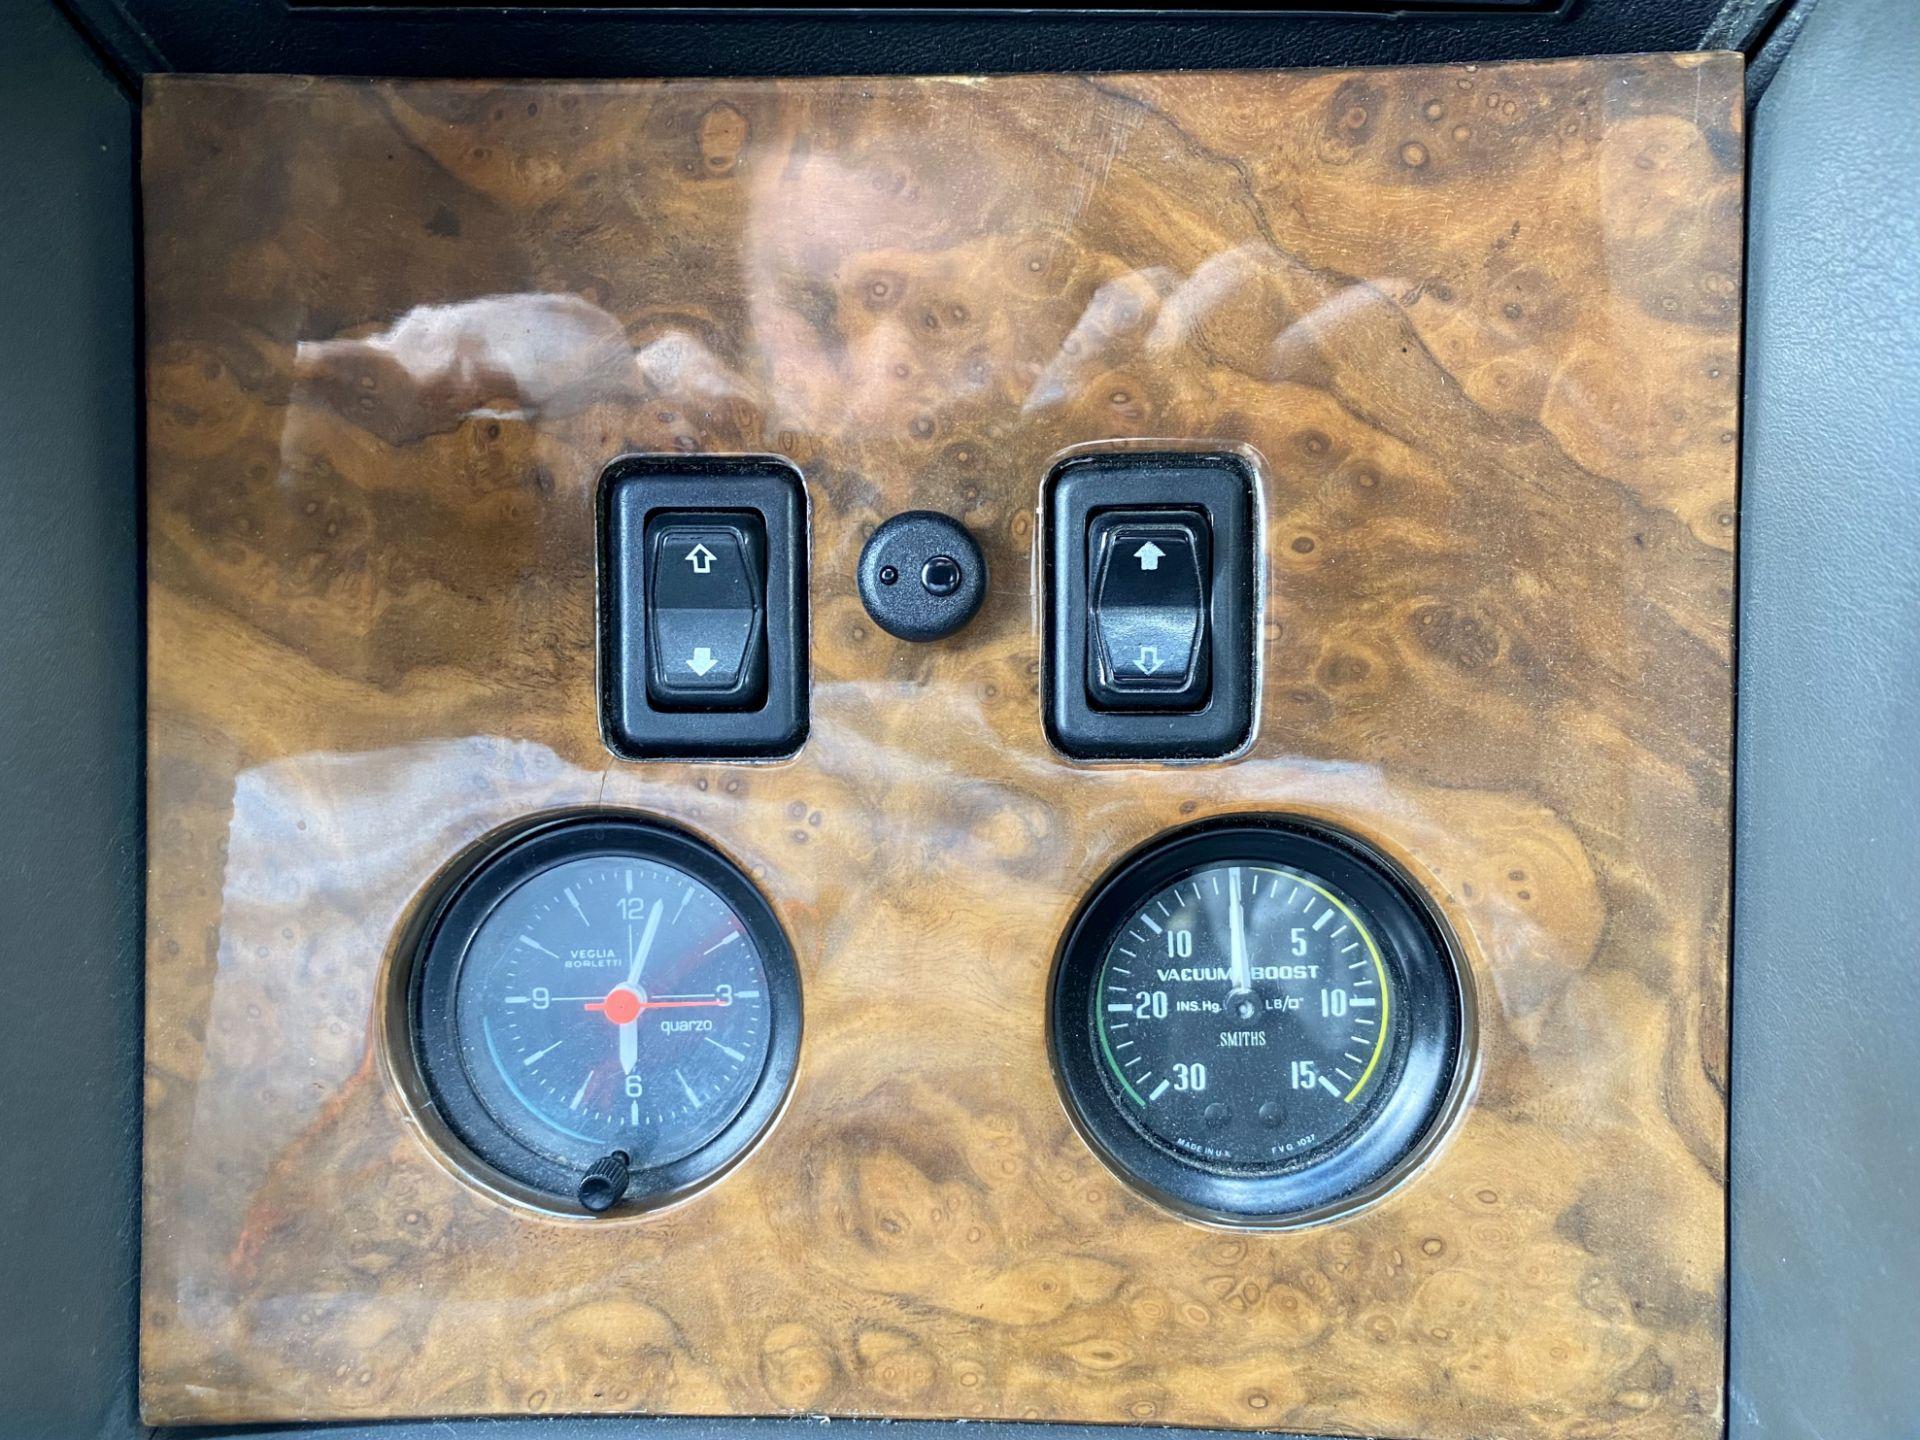 Ford Capri Tickford Turbo - Image 52 of 62